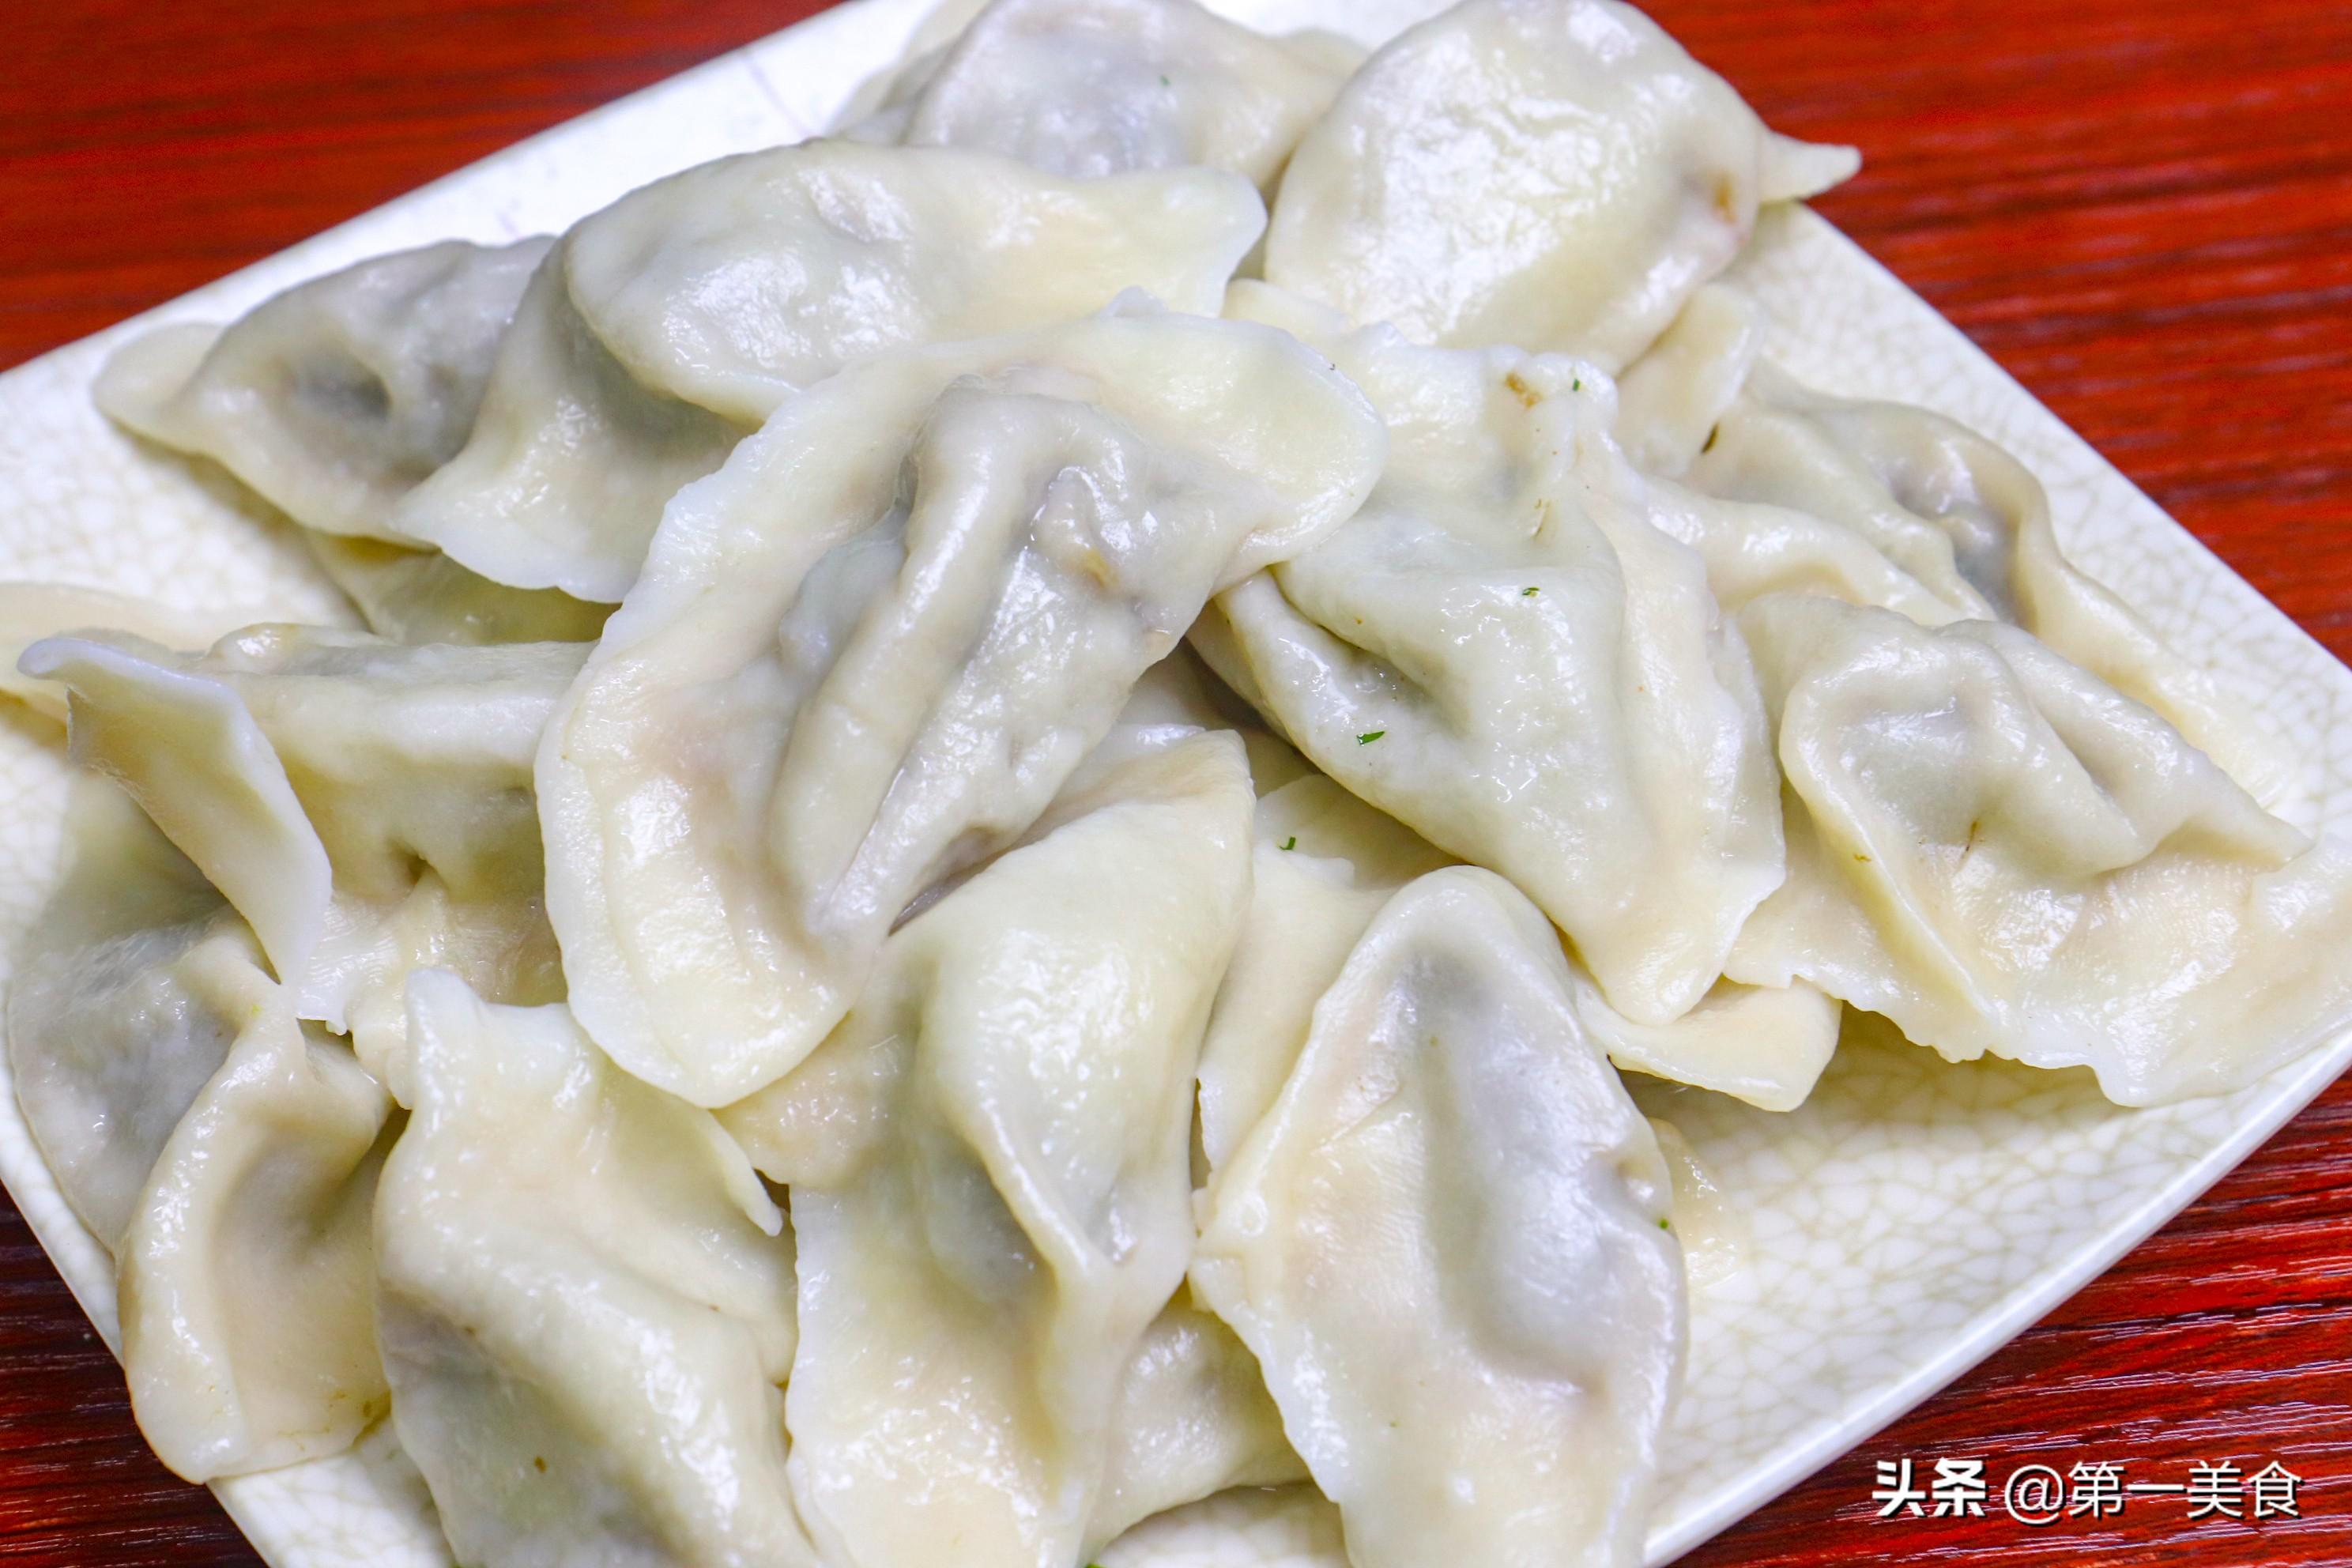 河南人的年夜饭-饺子来啦!猪肉茴香馅 过年饺子不能少